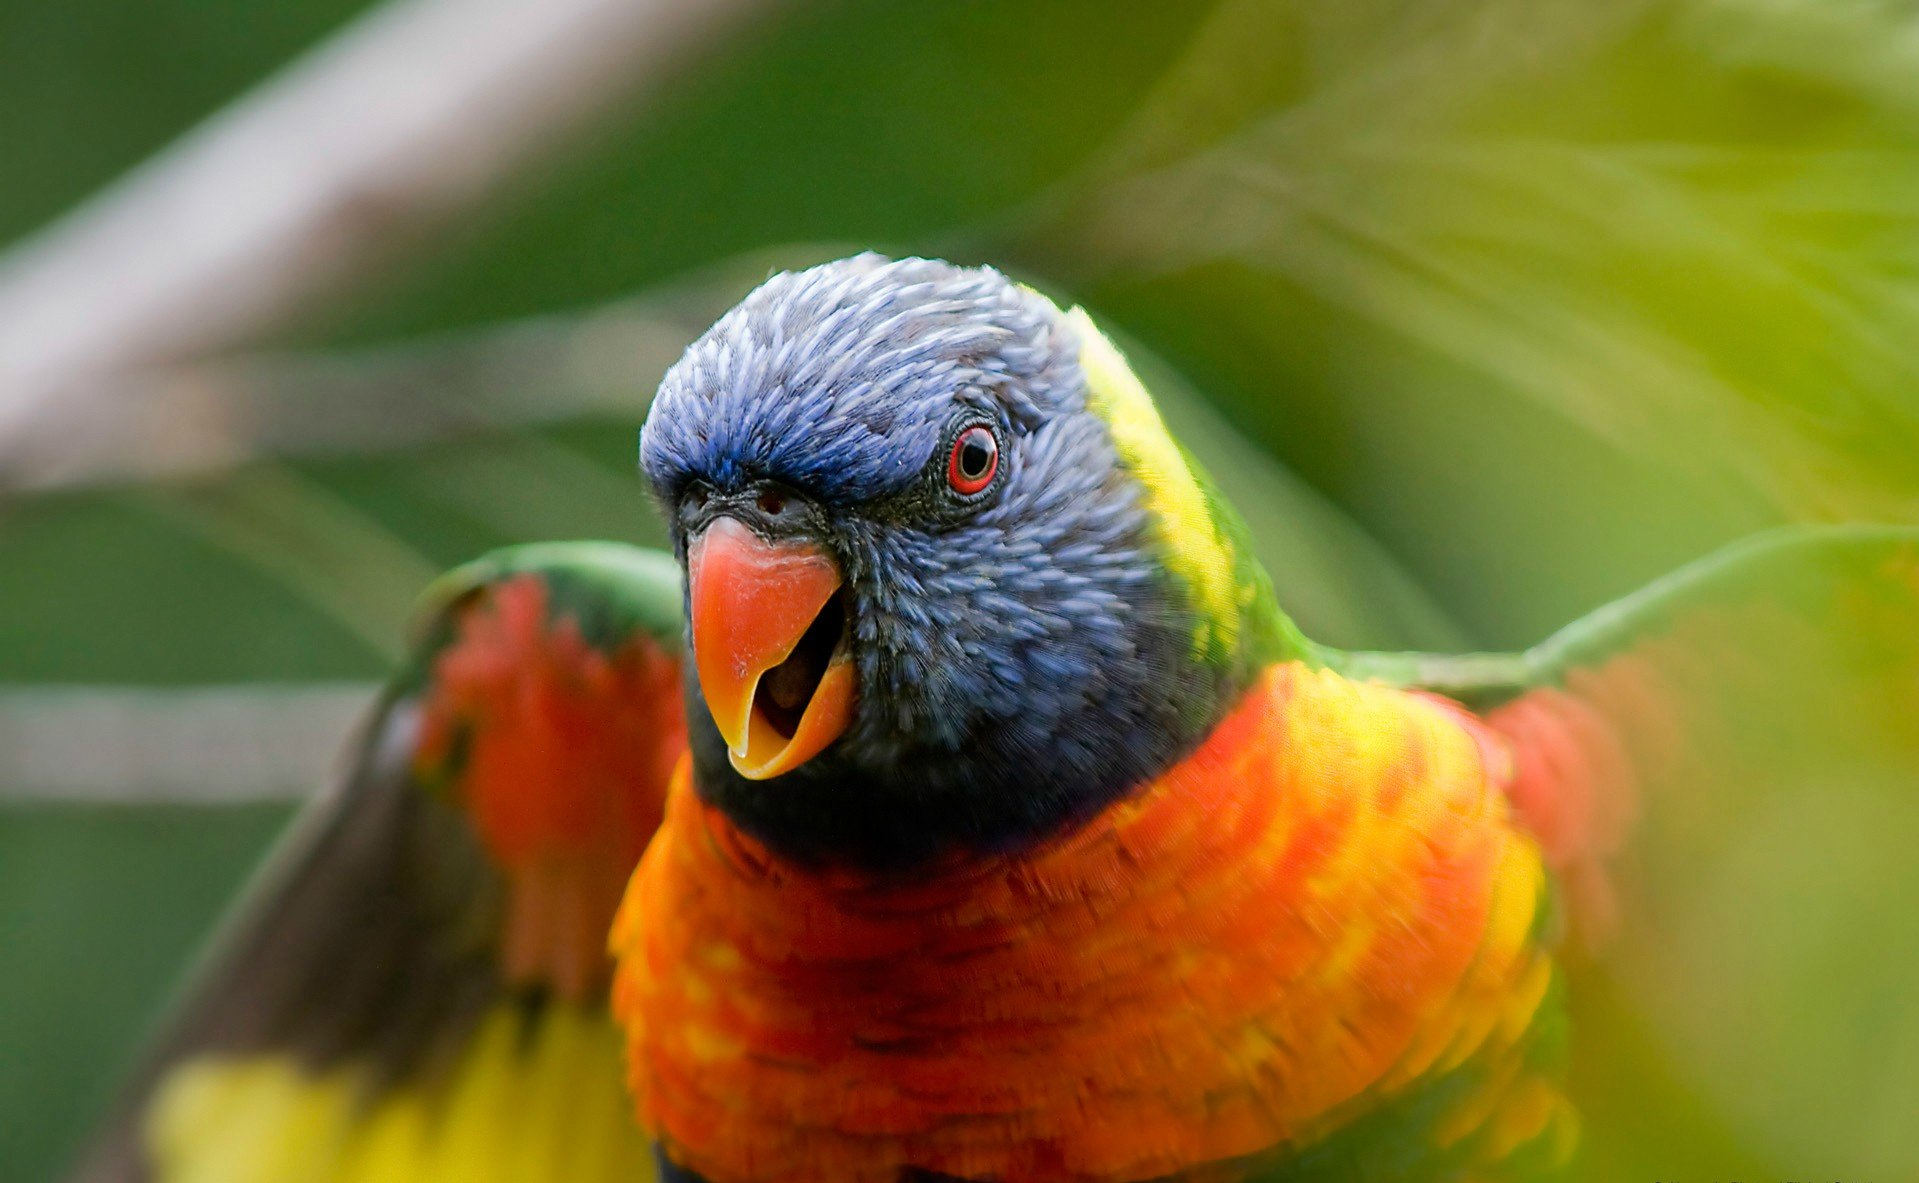 Animal - Rainbow Lorikeet  Parrot Wallpaper